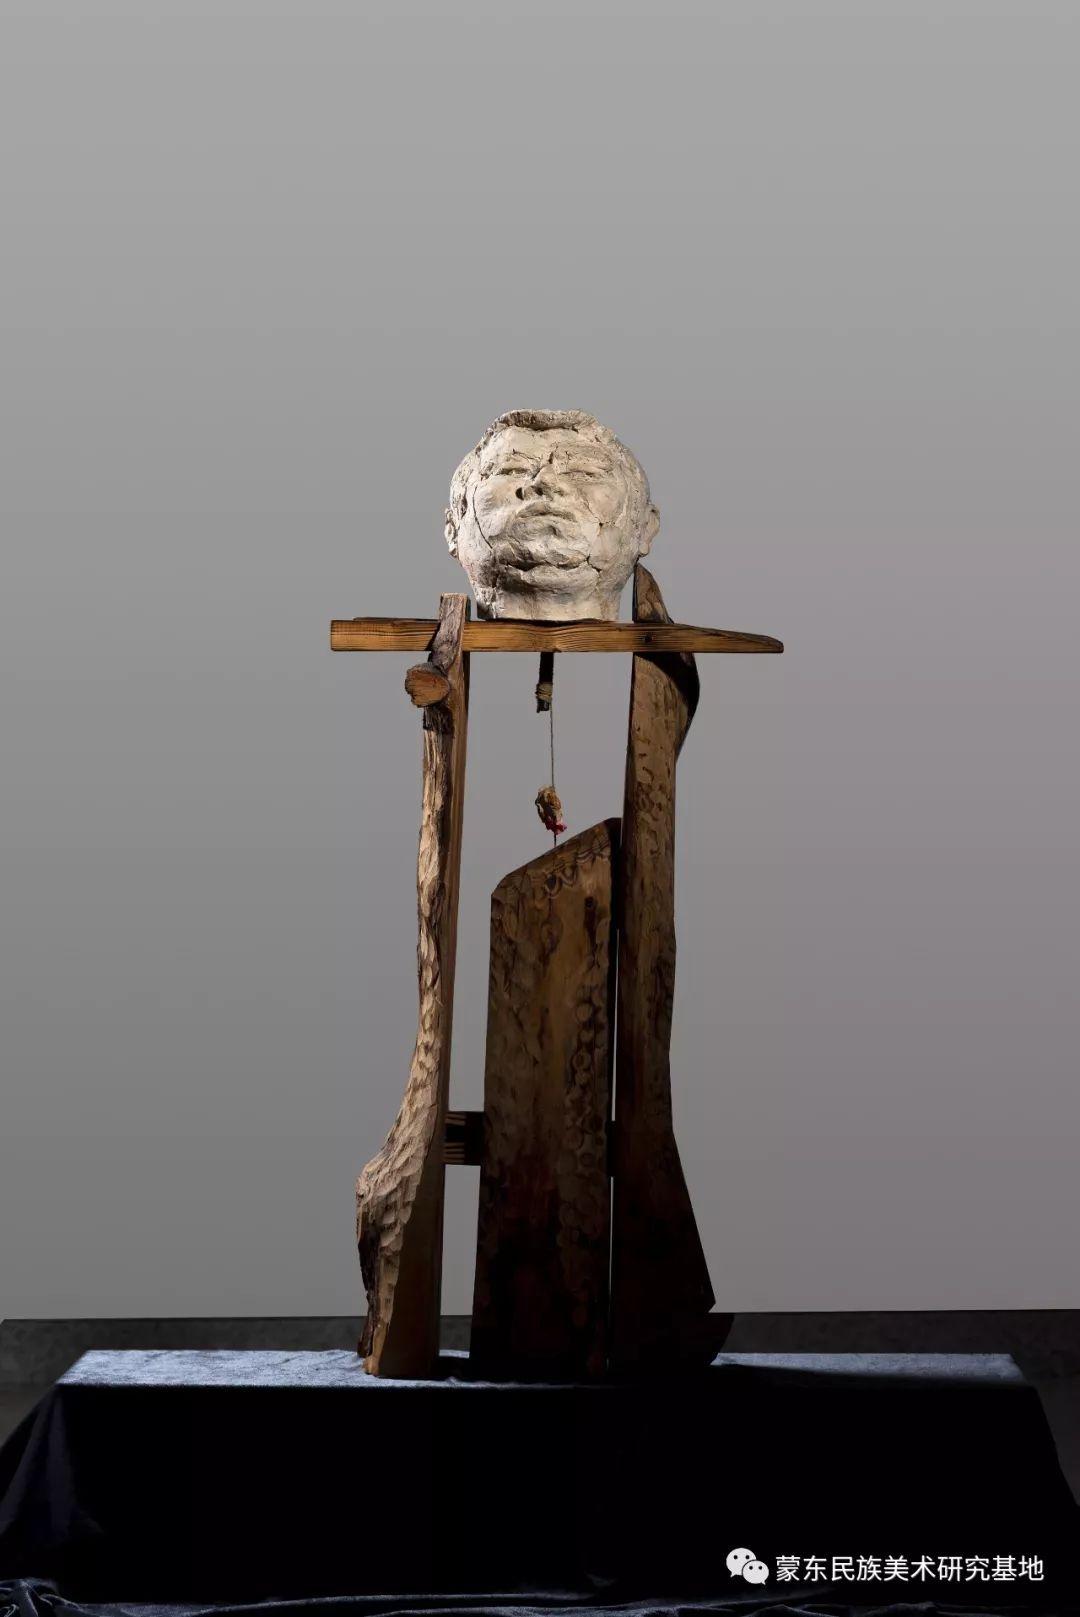 包格日乐吐作品——头像雕塑系列(一) 第1张 包格日乐吐作品——头像雕塑系列(一) 蒙古画廊